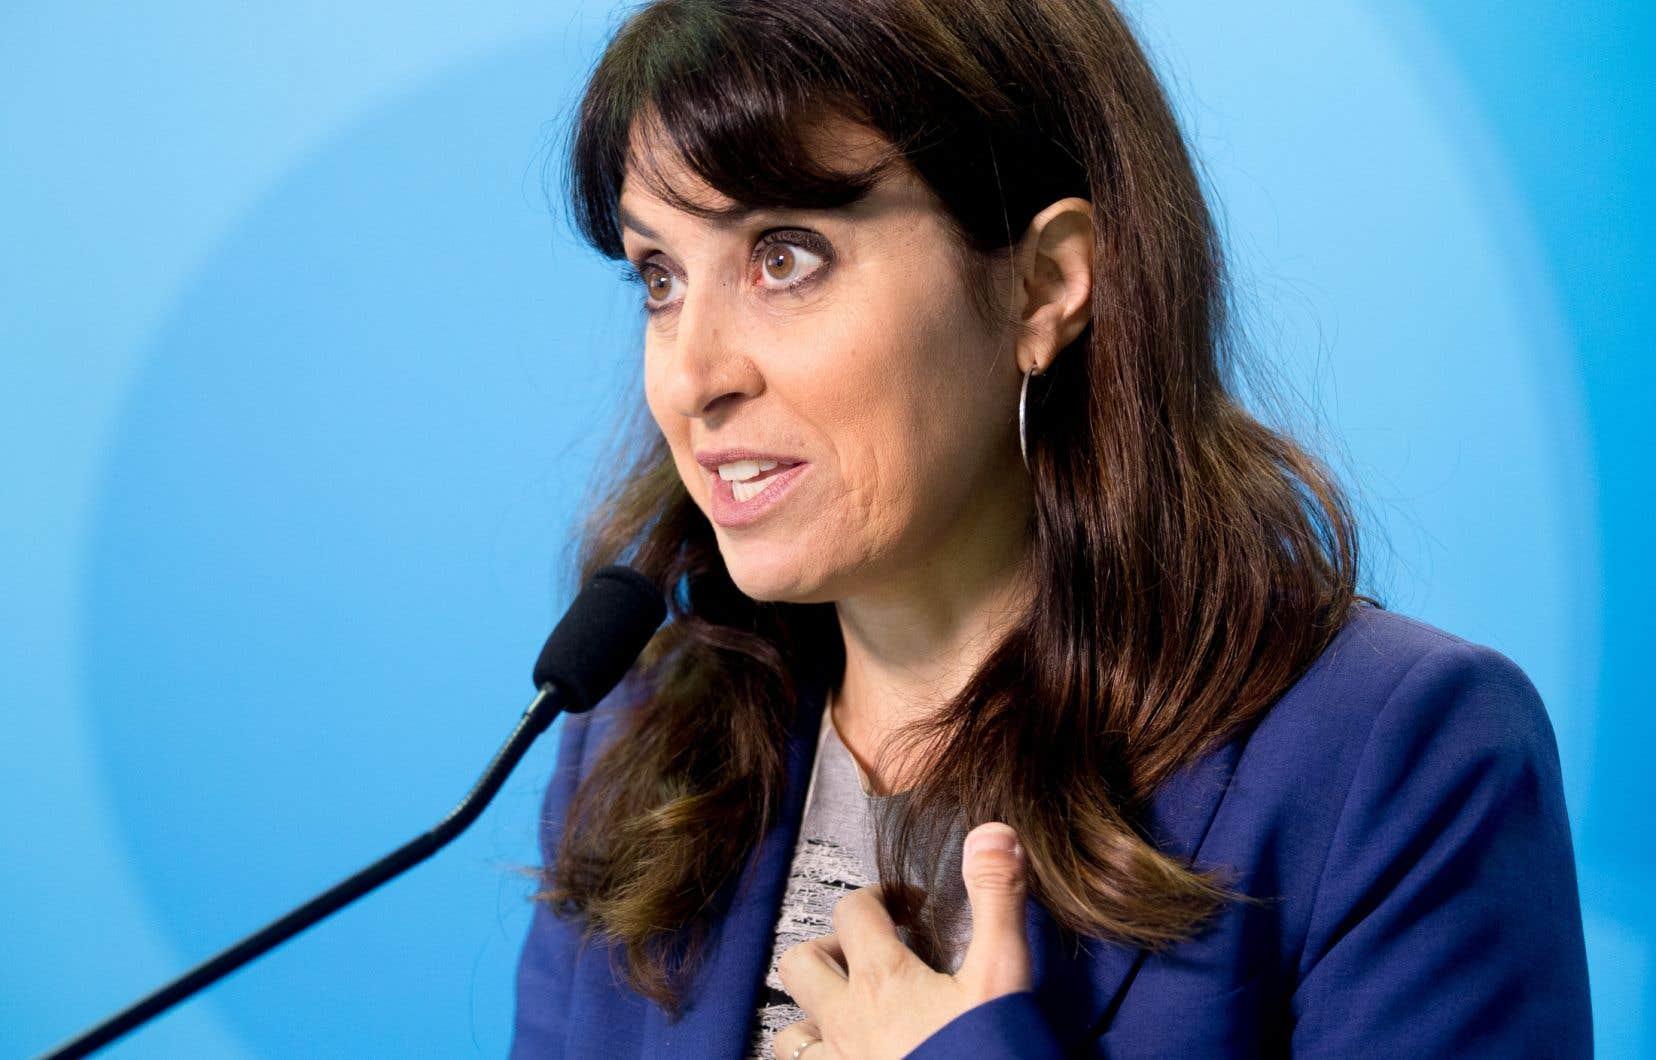 VéroniqueHivon figure parmi les éventuelles candidates pressenties à la direction du Parti québécois.